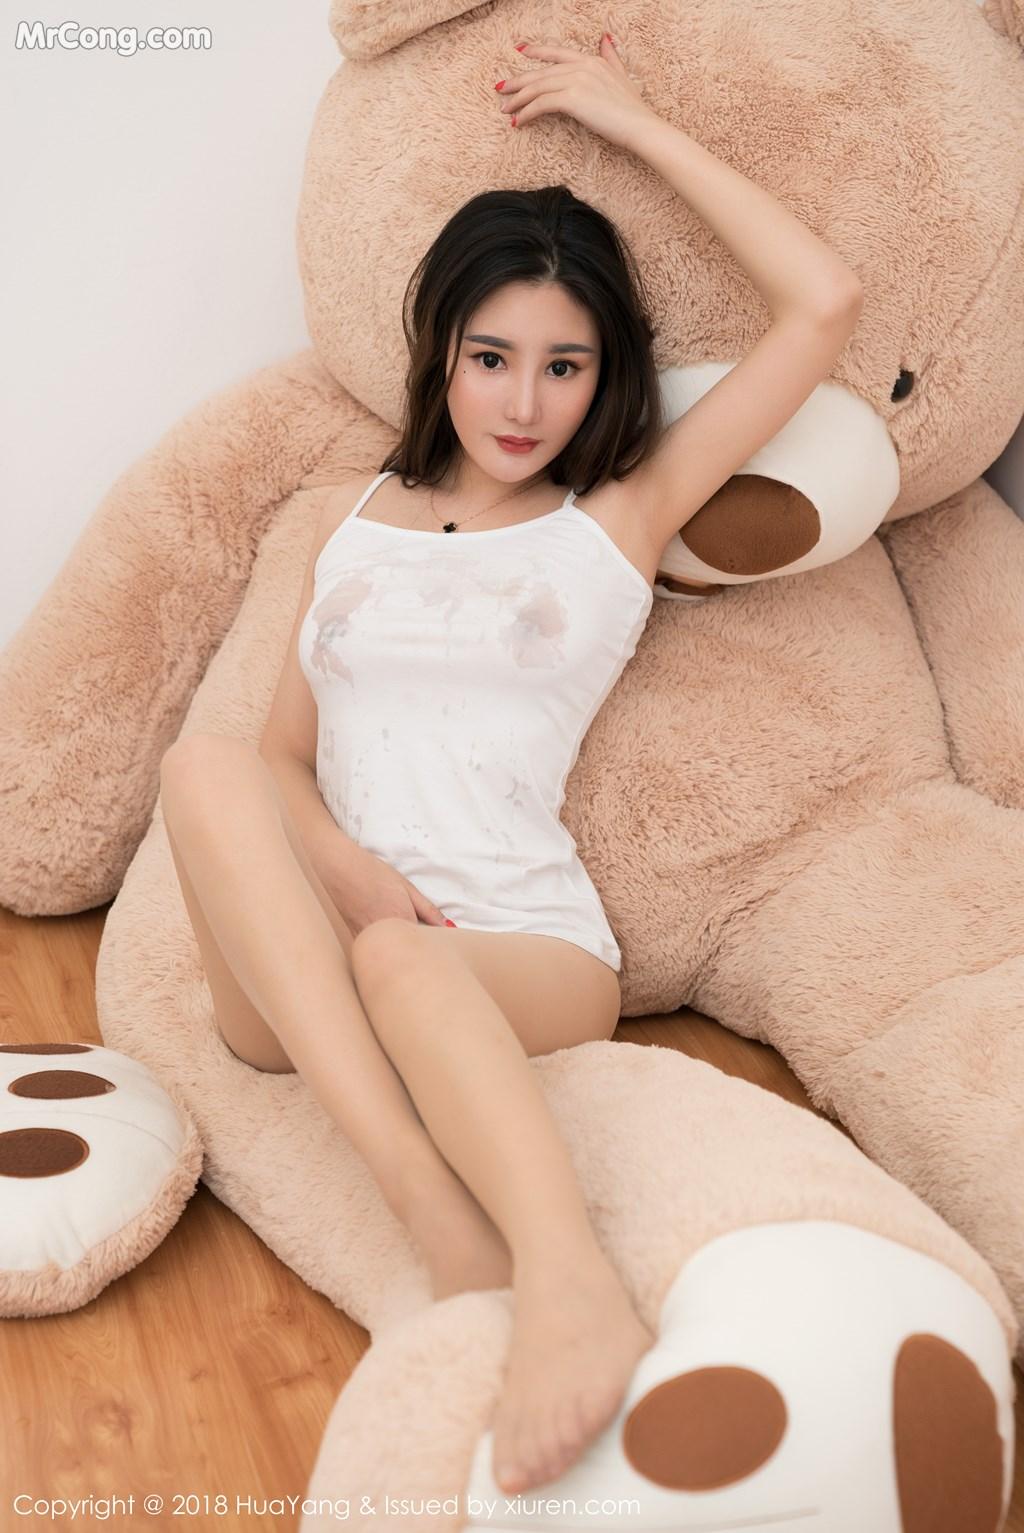 Image HuaYang-2018-03-02-Vol.034-Xiao-Tian-Xin-Candy-MrCong.com-025 in post HuaYang 2018-03-02 Vol.034: Người mẫu Xiao Tian Xin (小甜心Candy) (41 ảnh)